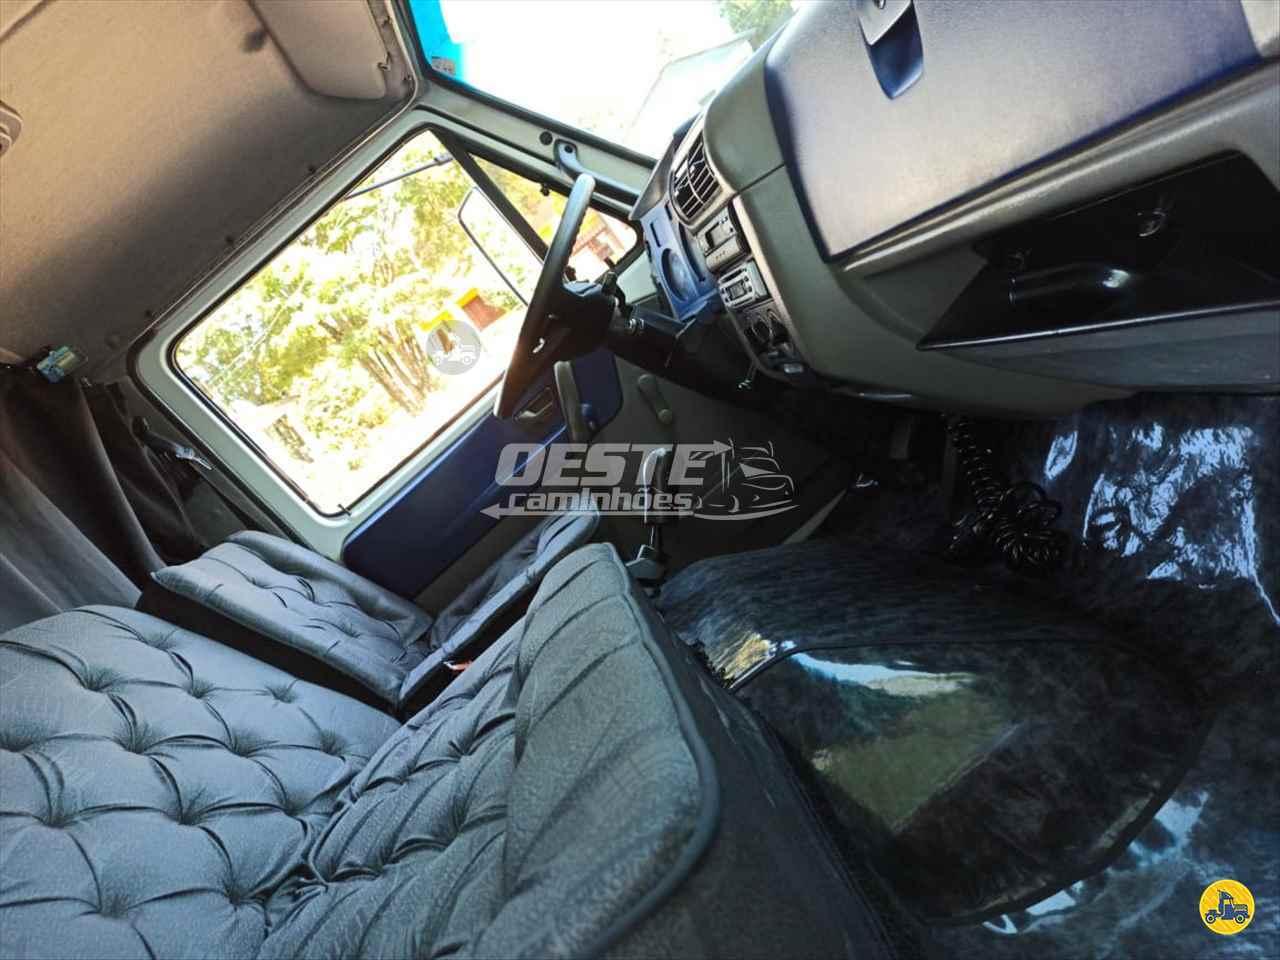 VW 8120 de Oeste Caminhões  - CORDILHEIRA ALTA/SC